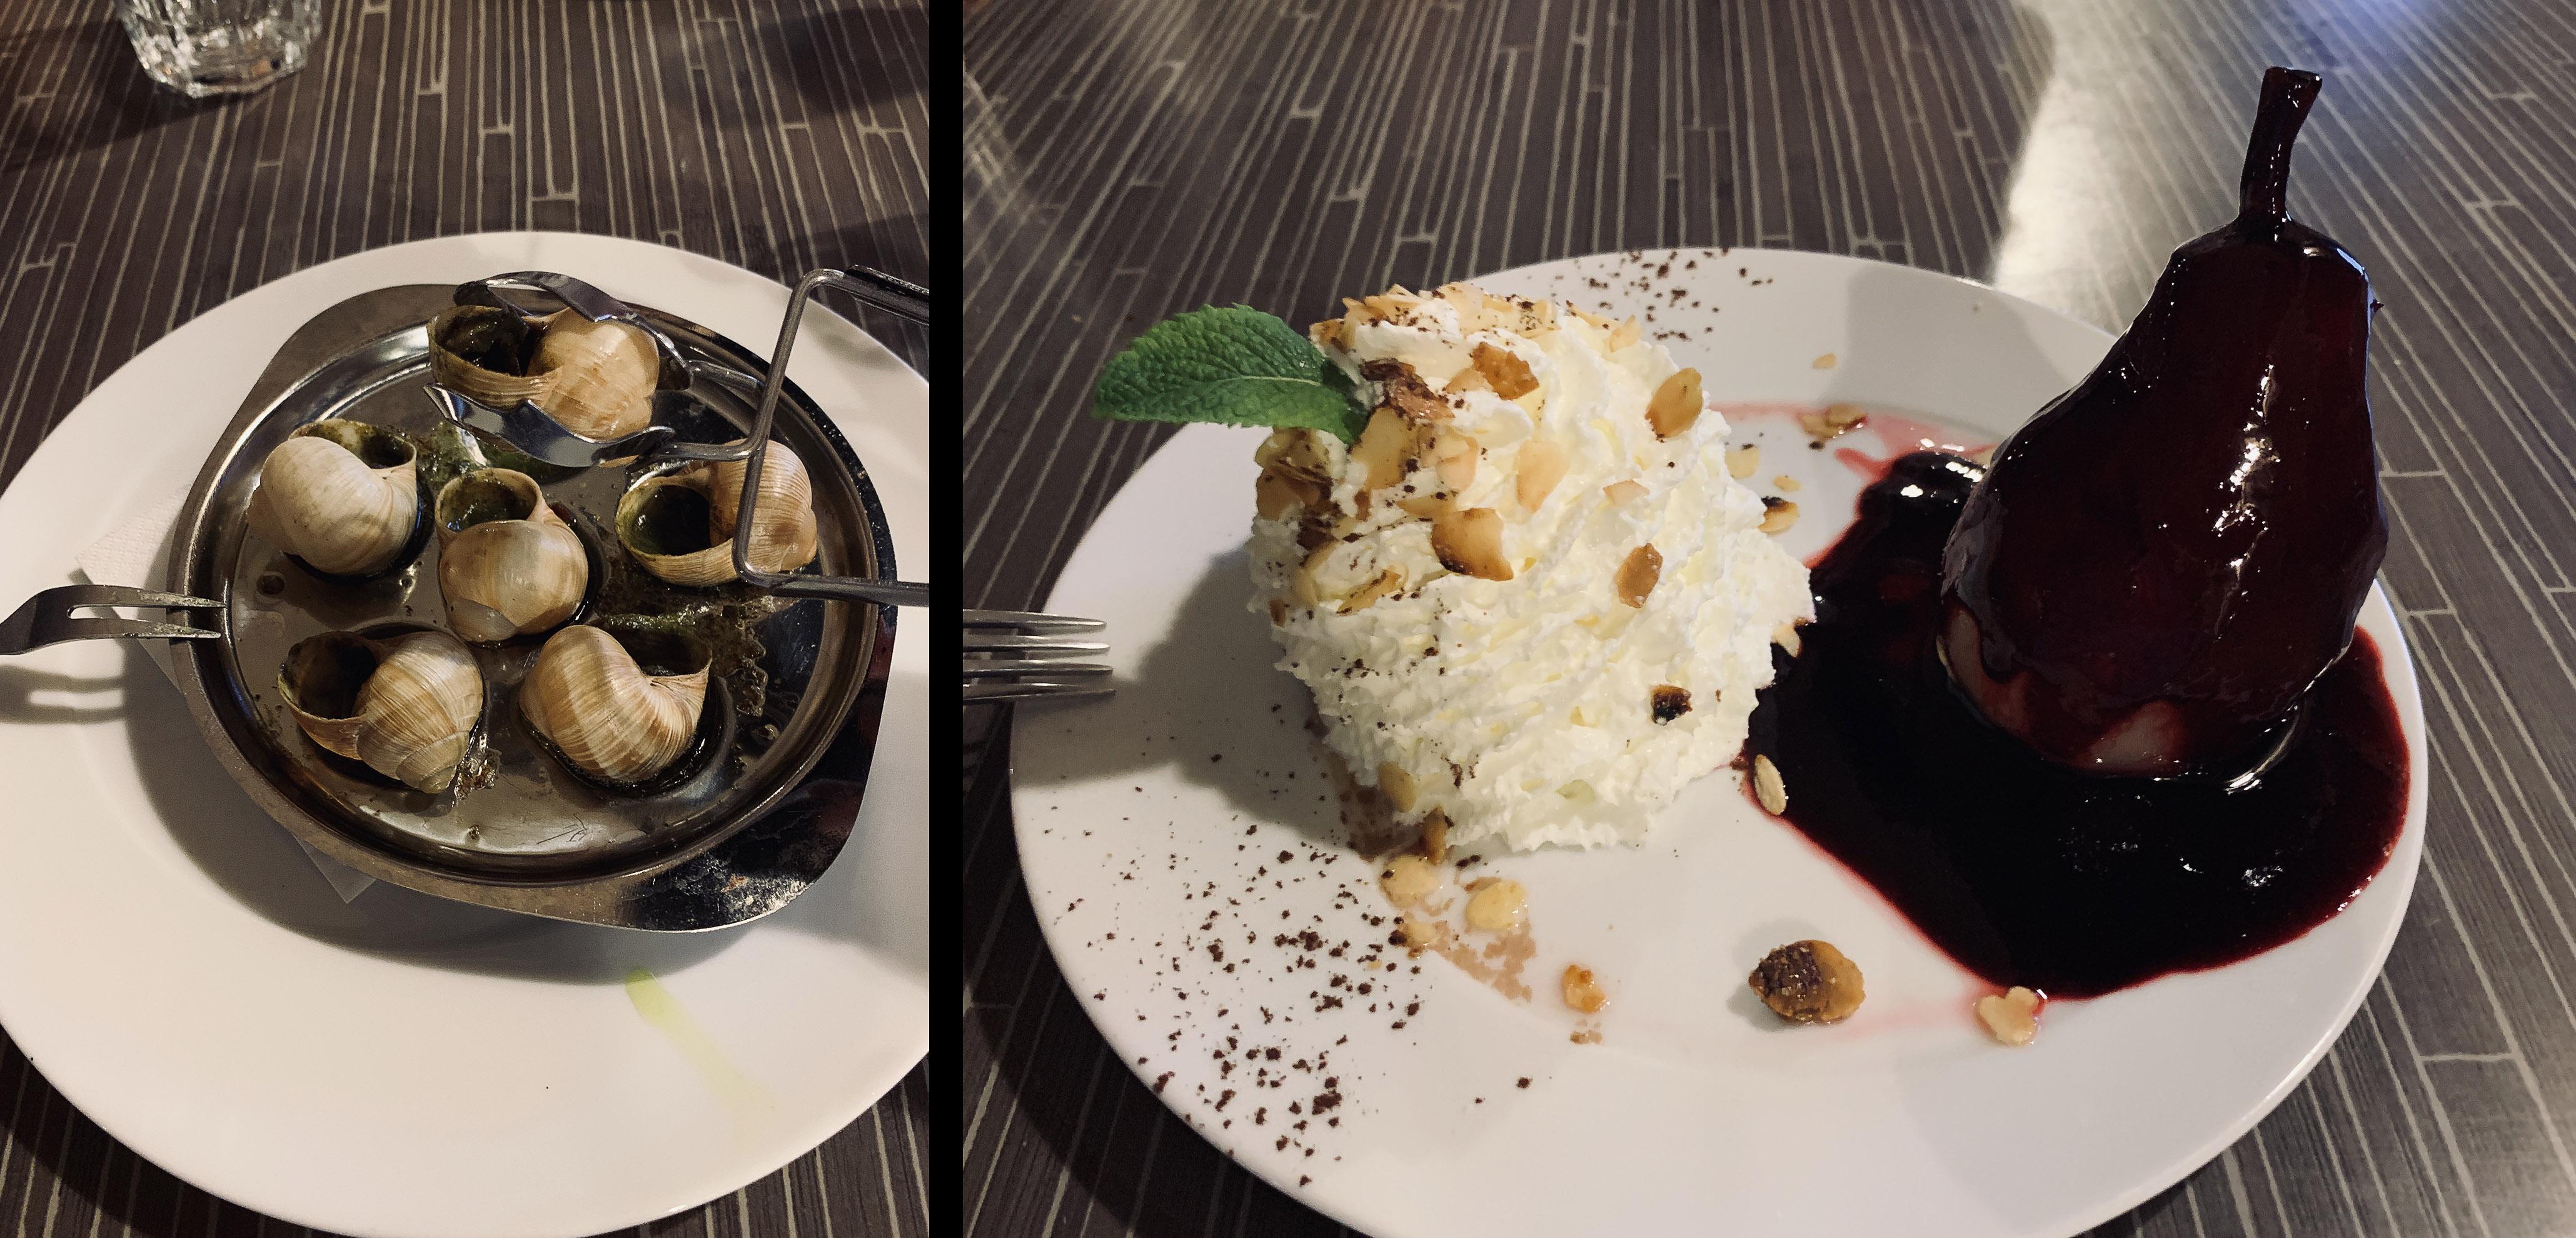 Kuchnia Burgundii - ślimaki w oliwie pietruszkowej oraz gruszka w polewie winnej